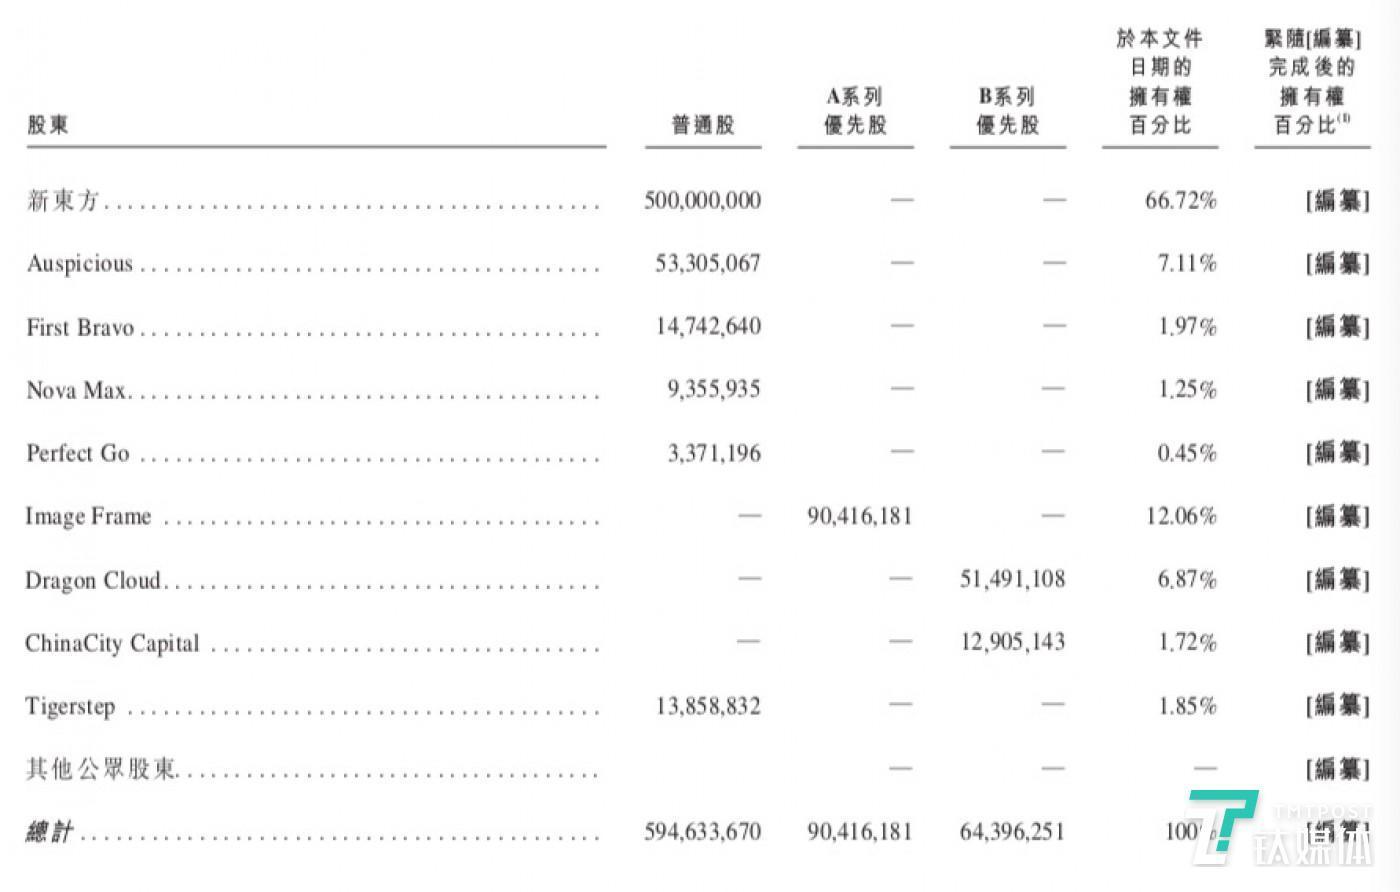 新东方在线股权结构